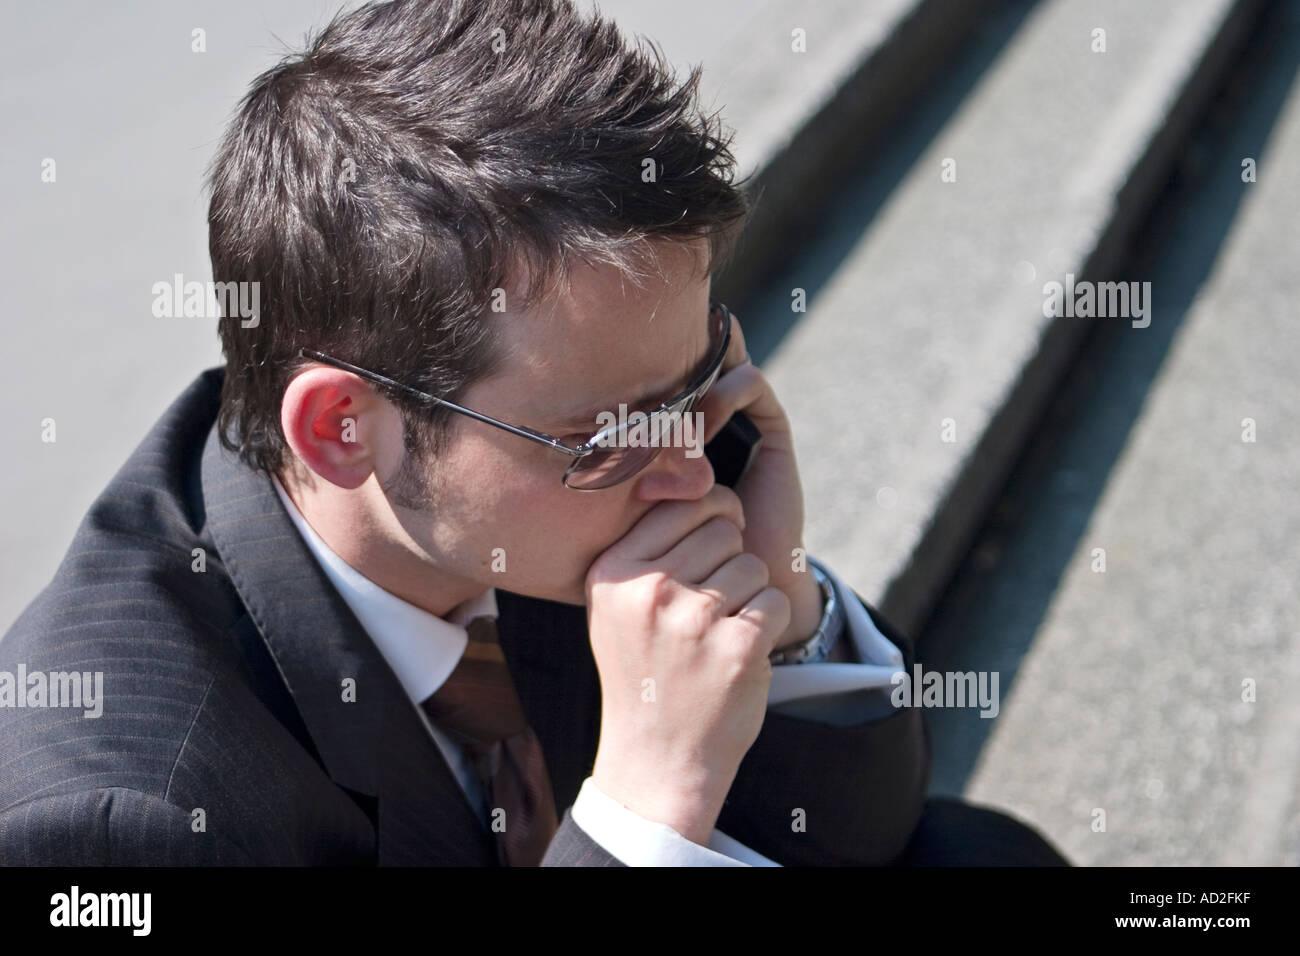 Junger Geschäftsmann legt seine Hand zum Mund, als er in der Londoner City Handy benutzt Stockbild